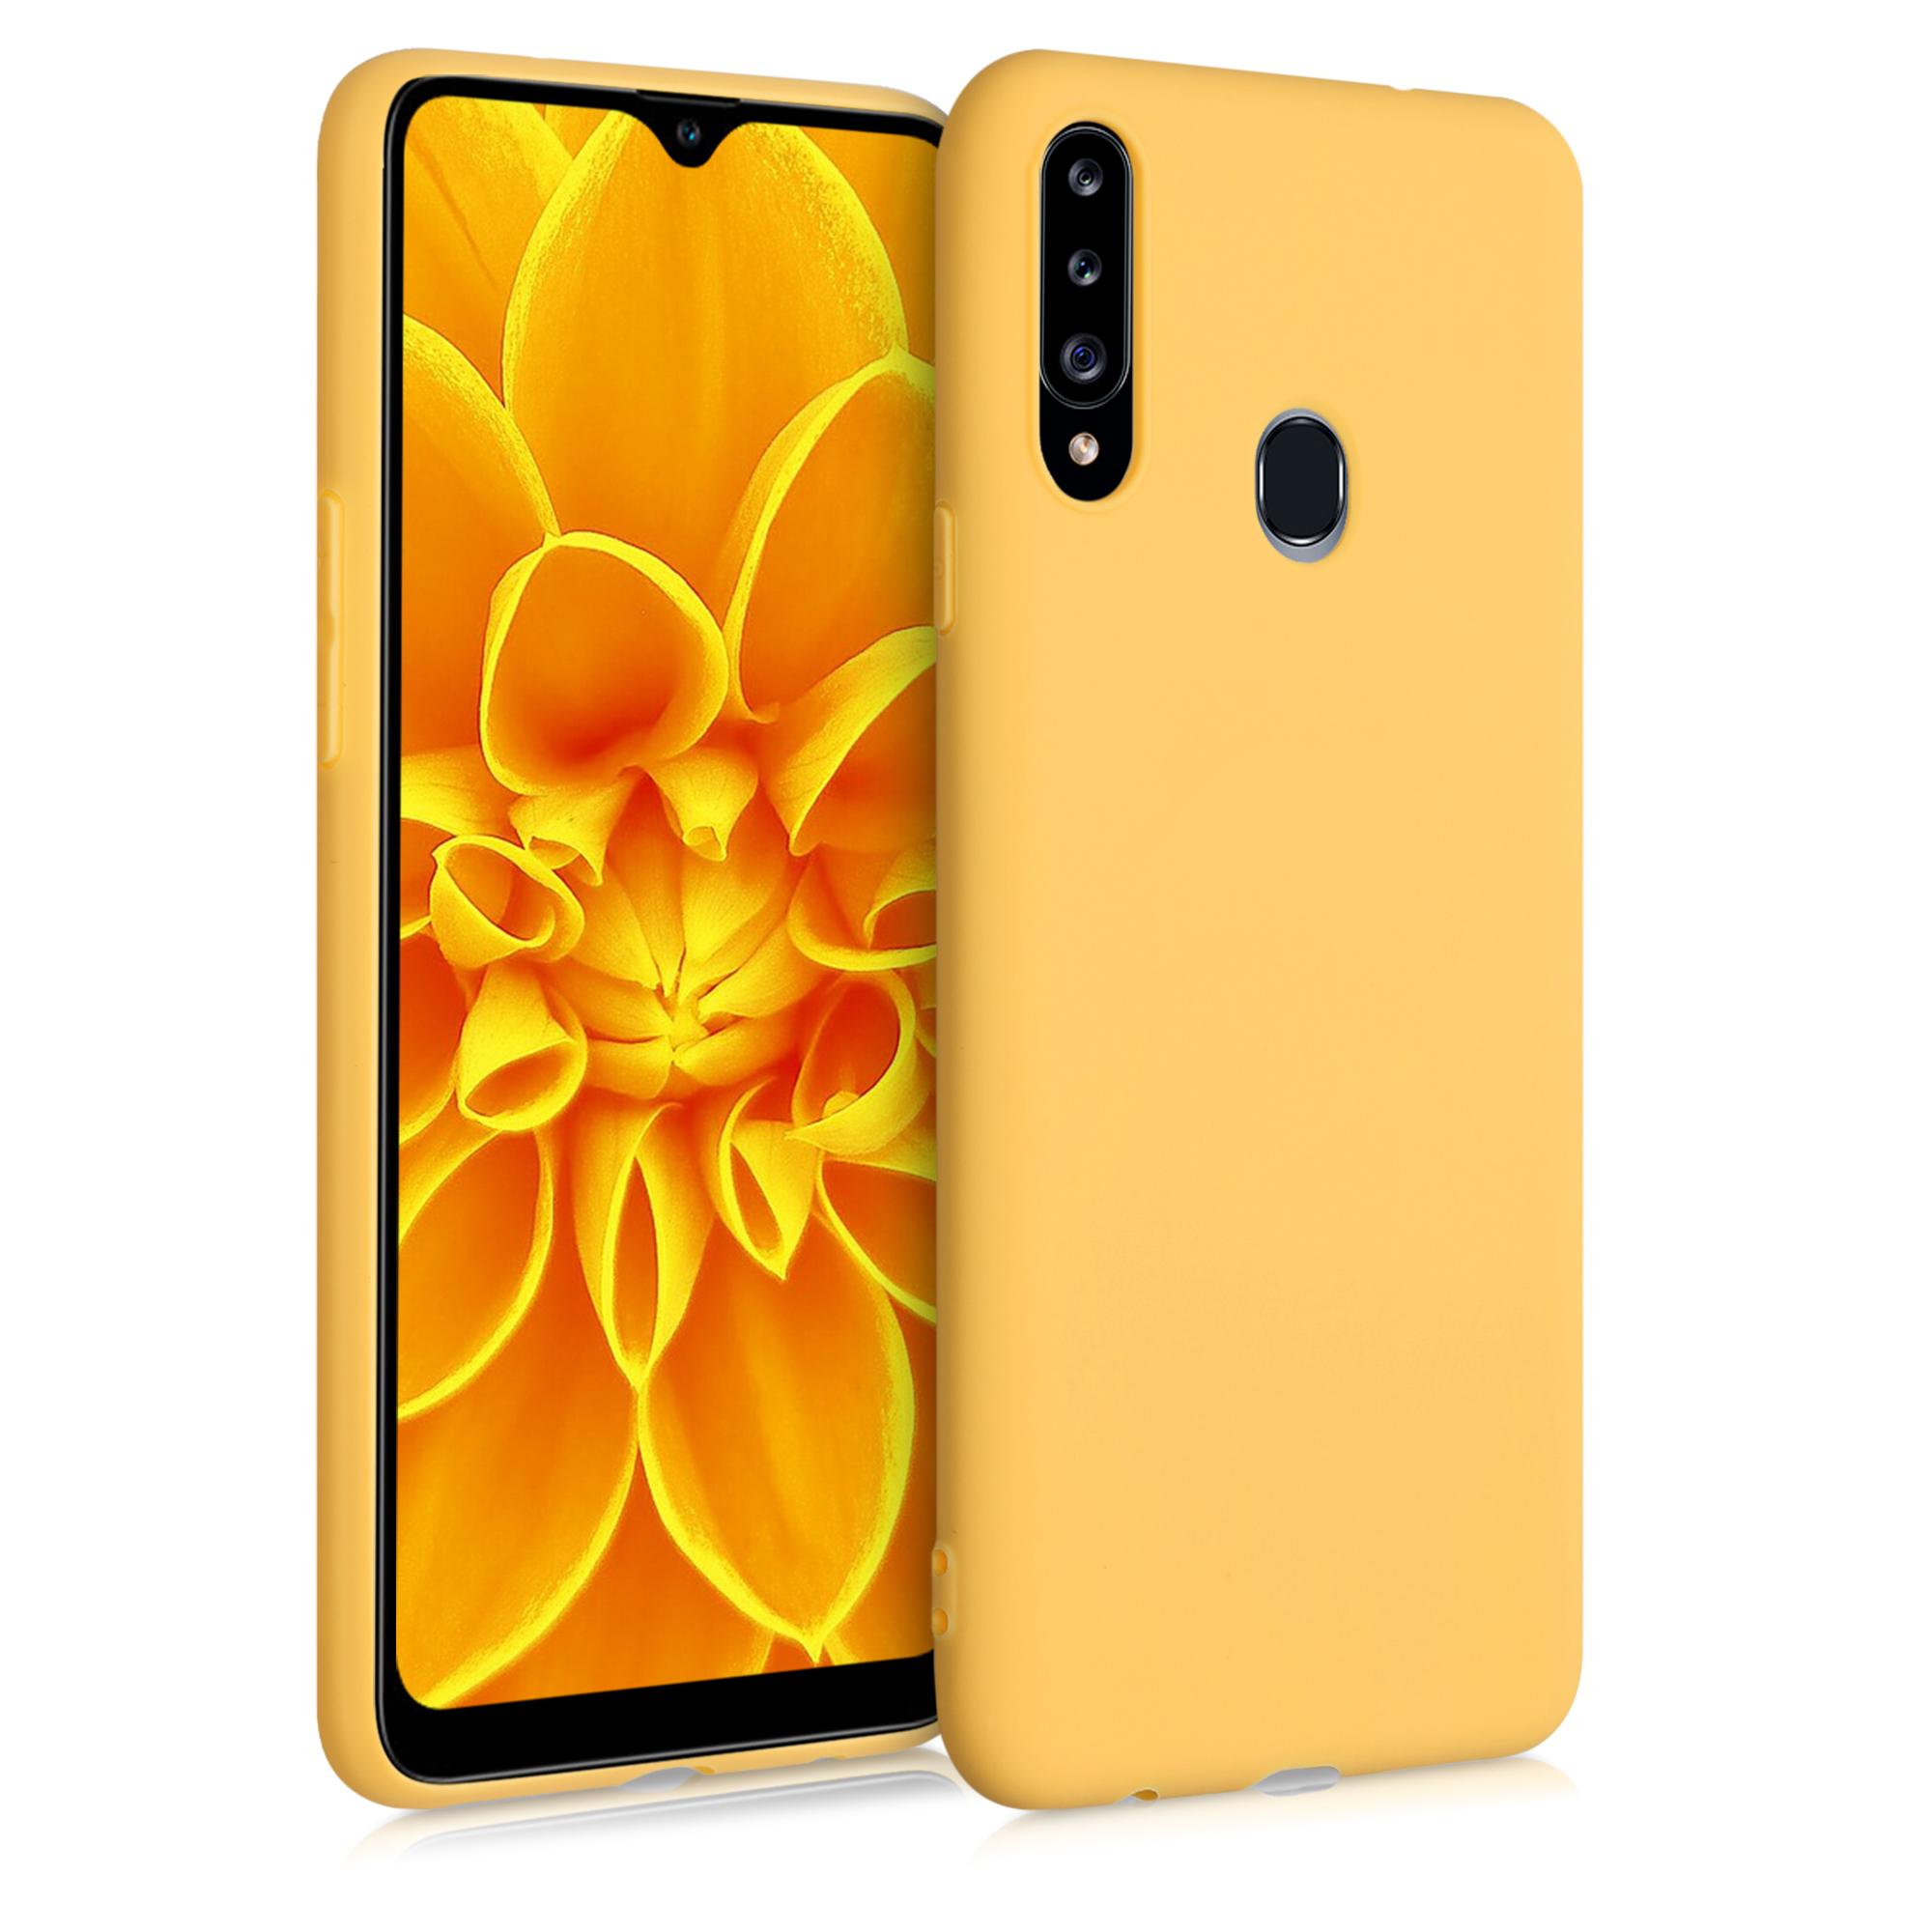 Kvalitní silikonové TPU pouzdro pro Samsung A20s - Saffron Yellow